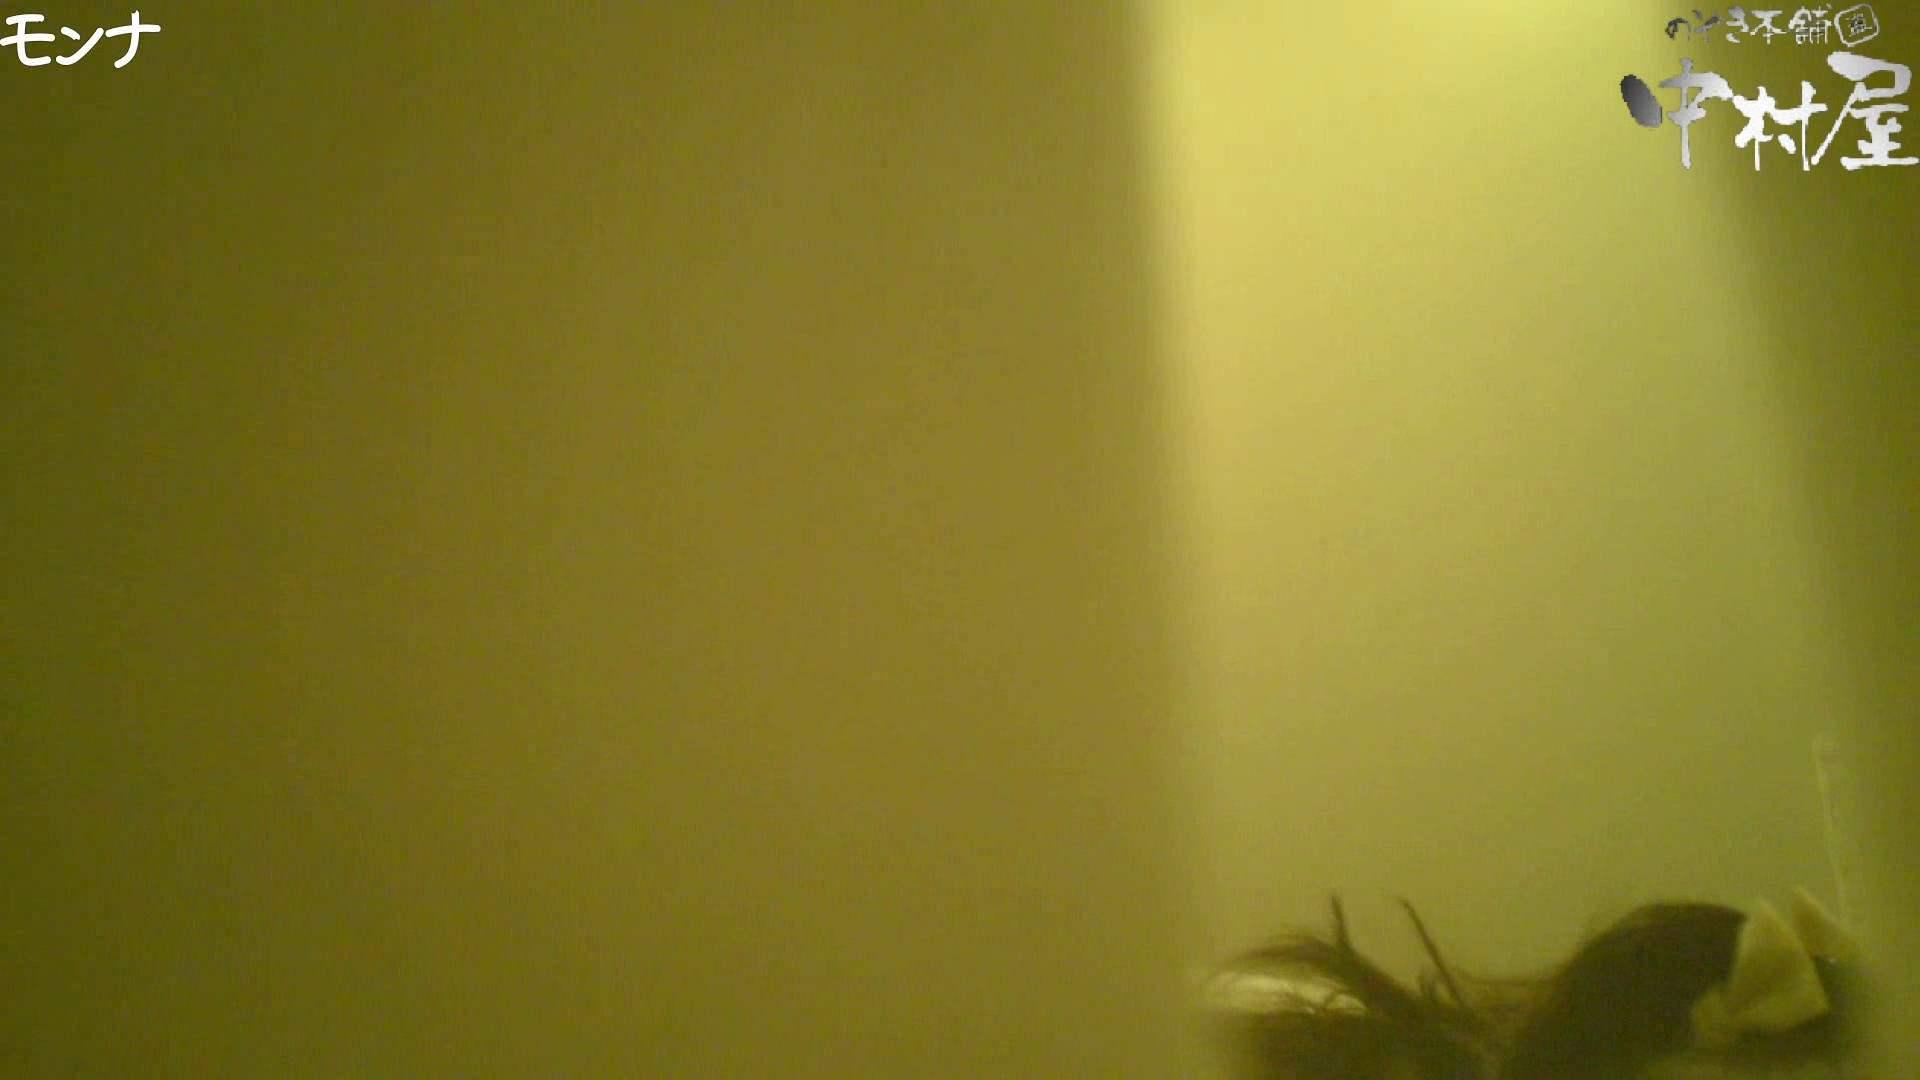 有名大学女性洗面所 vol.66 清楚系女子をがっつり!! 洗面所 セックス画像 113pic 111